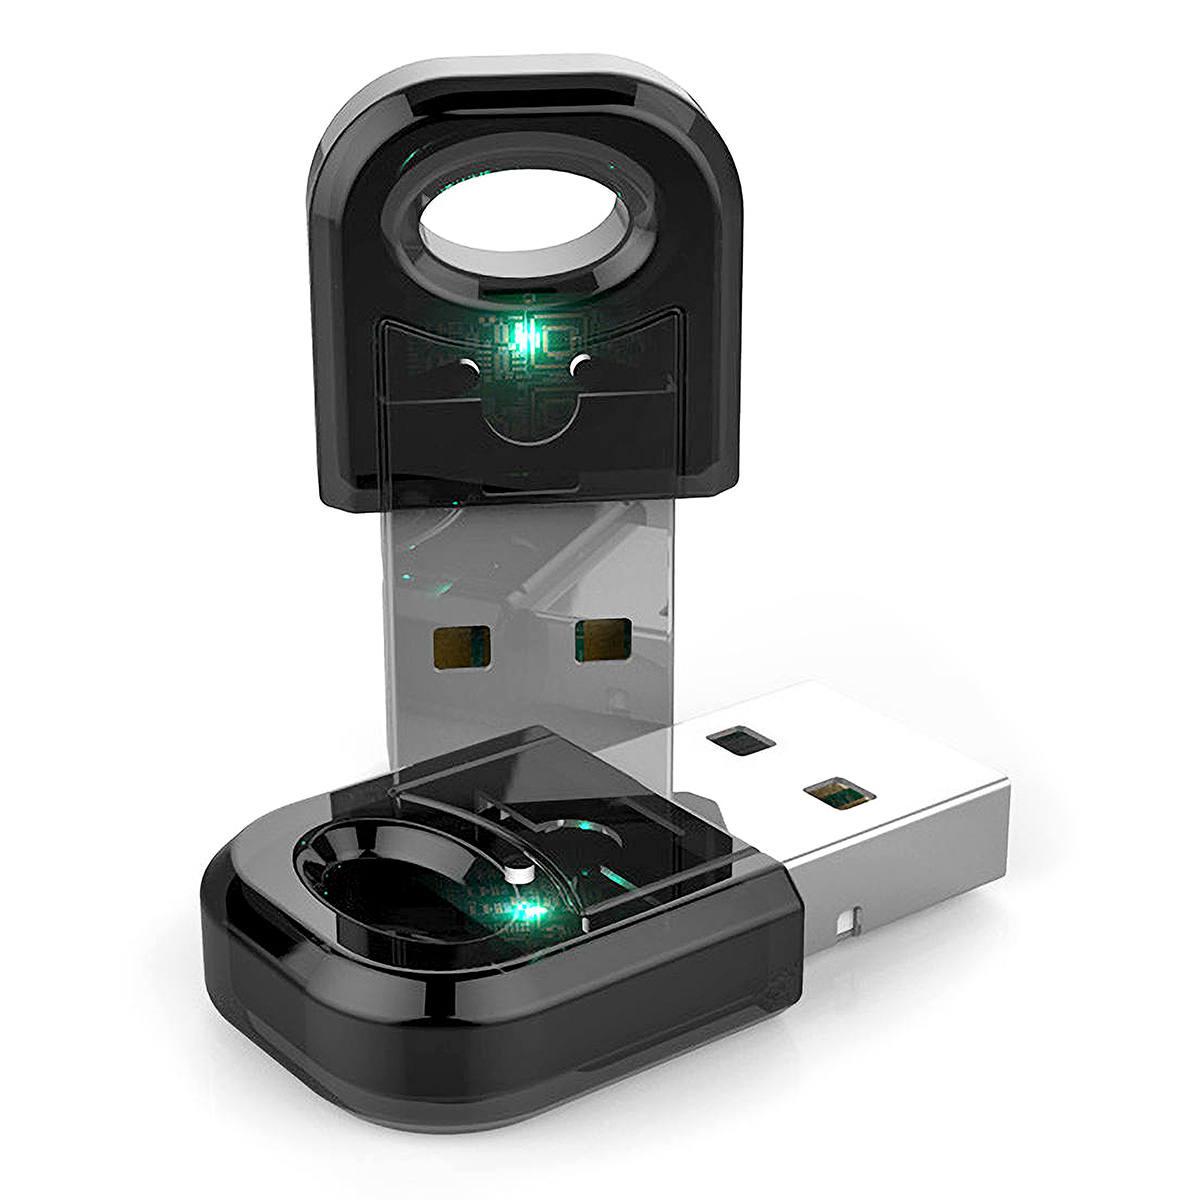 Adaptador Bluetooth 5.0 USB 2.0/3.0 p/ PC e Notebook USB Dongle Blu04